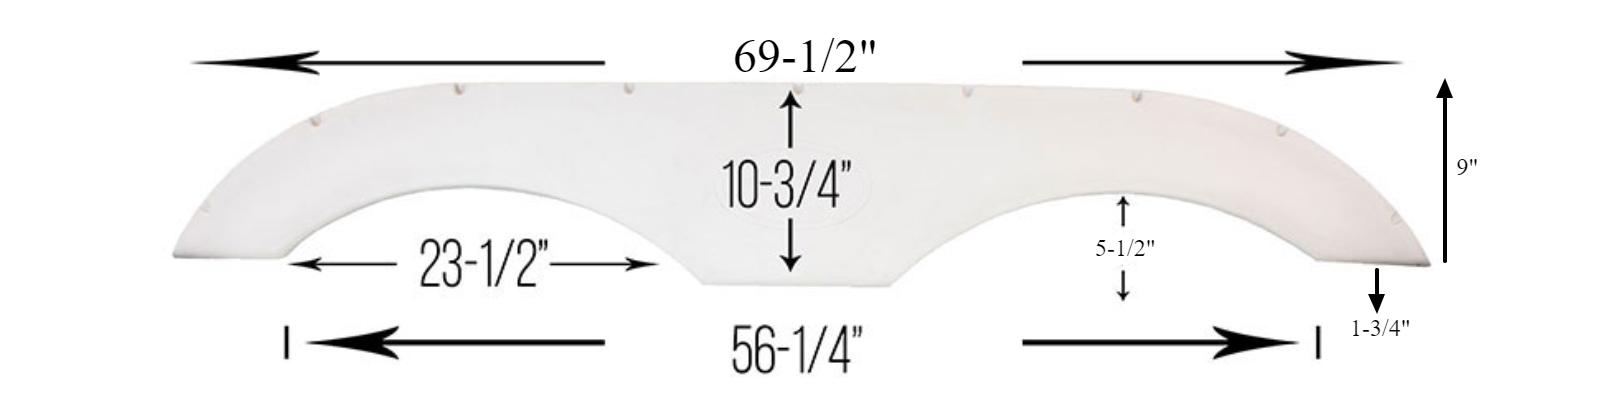 Tandem RV Fender Skirt - Pair - RecPro